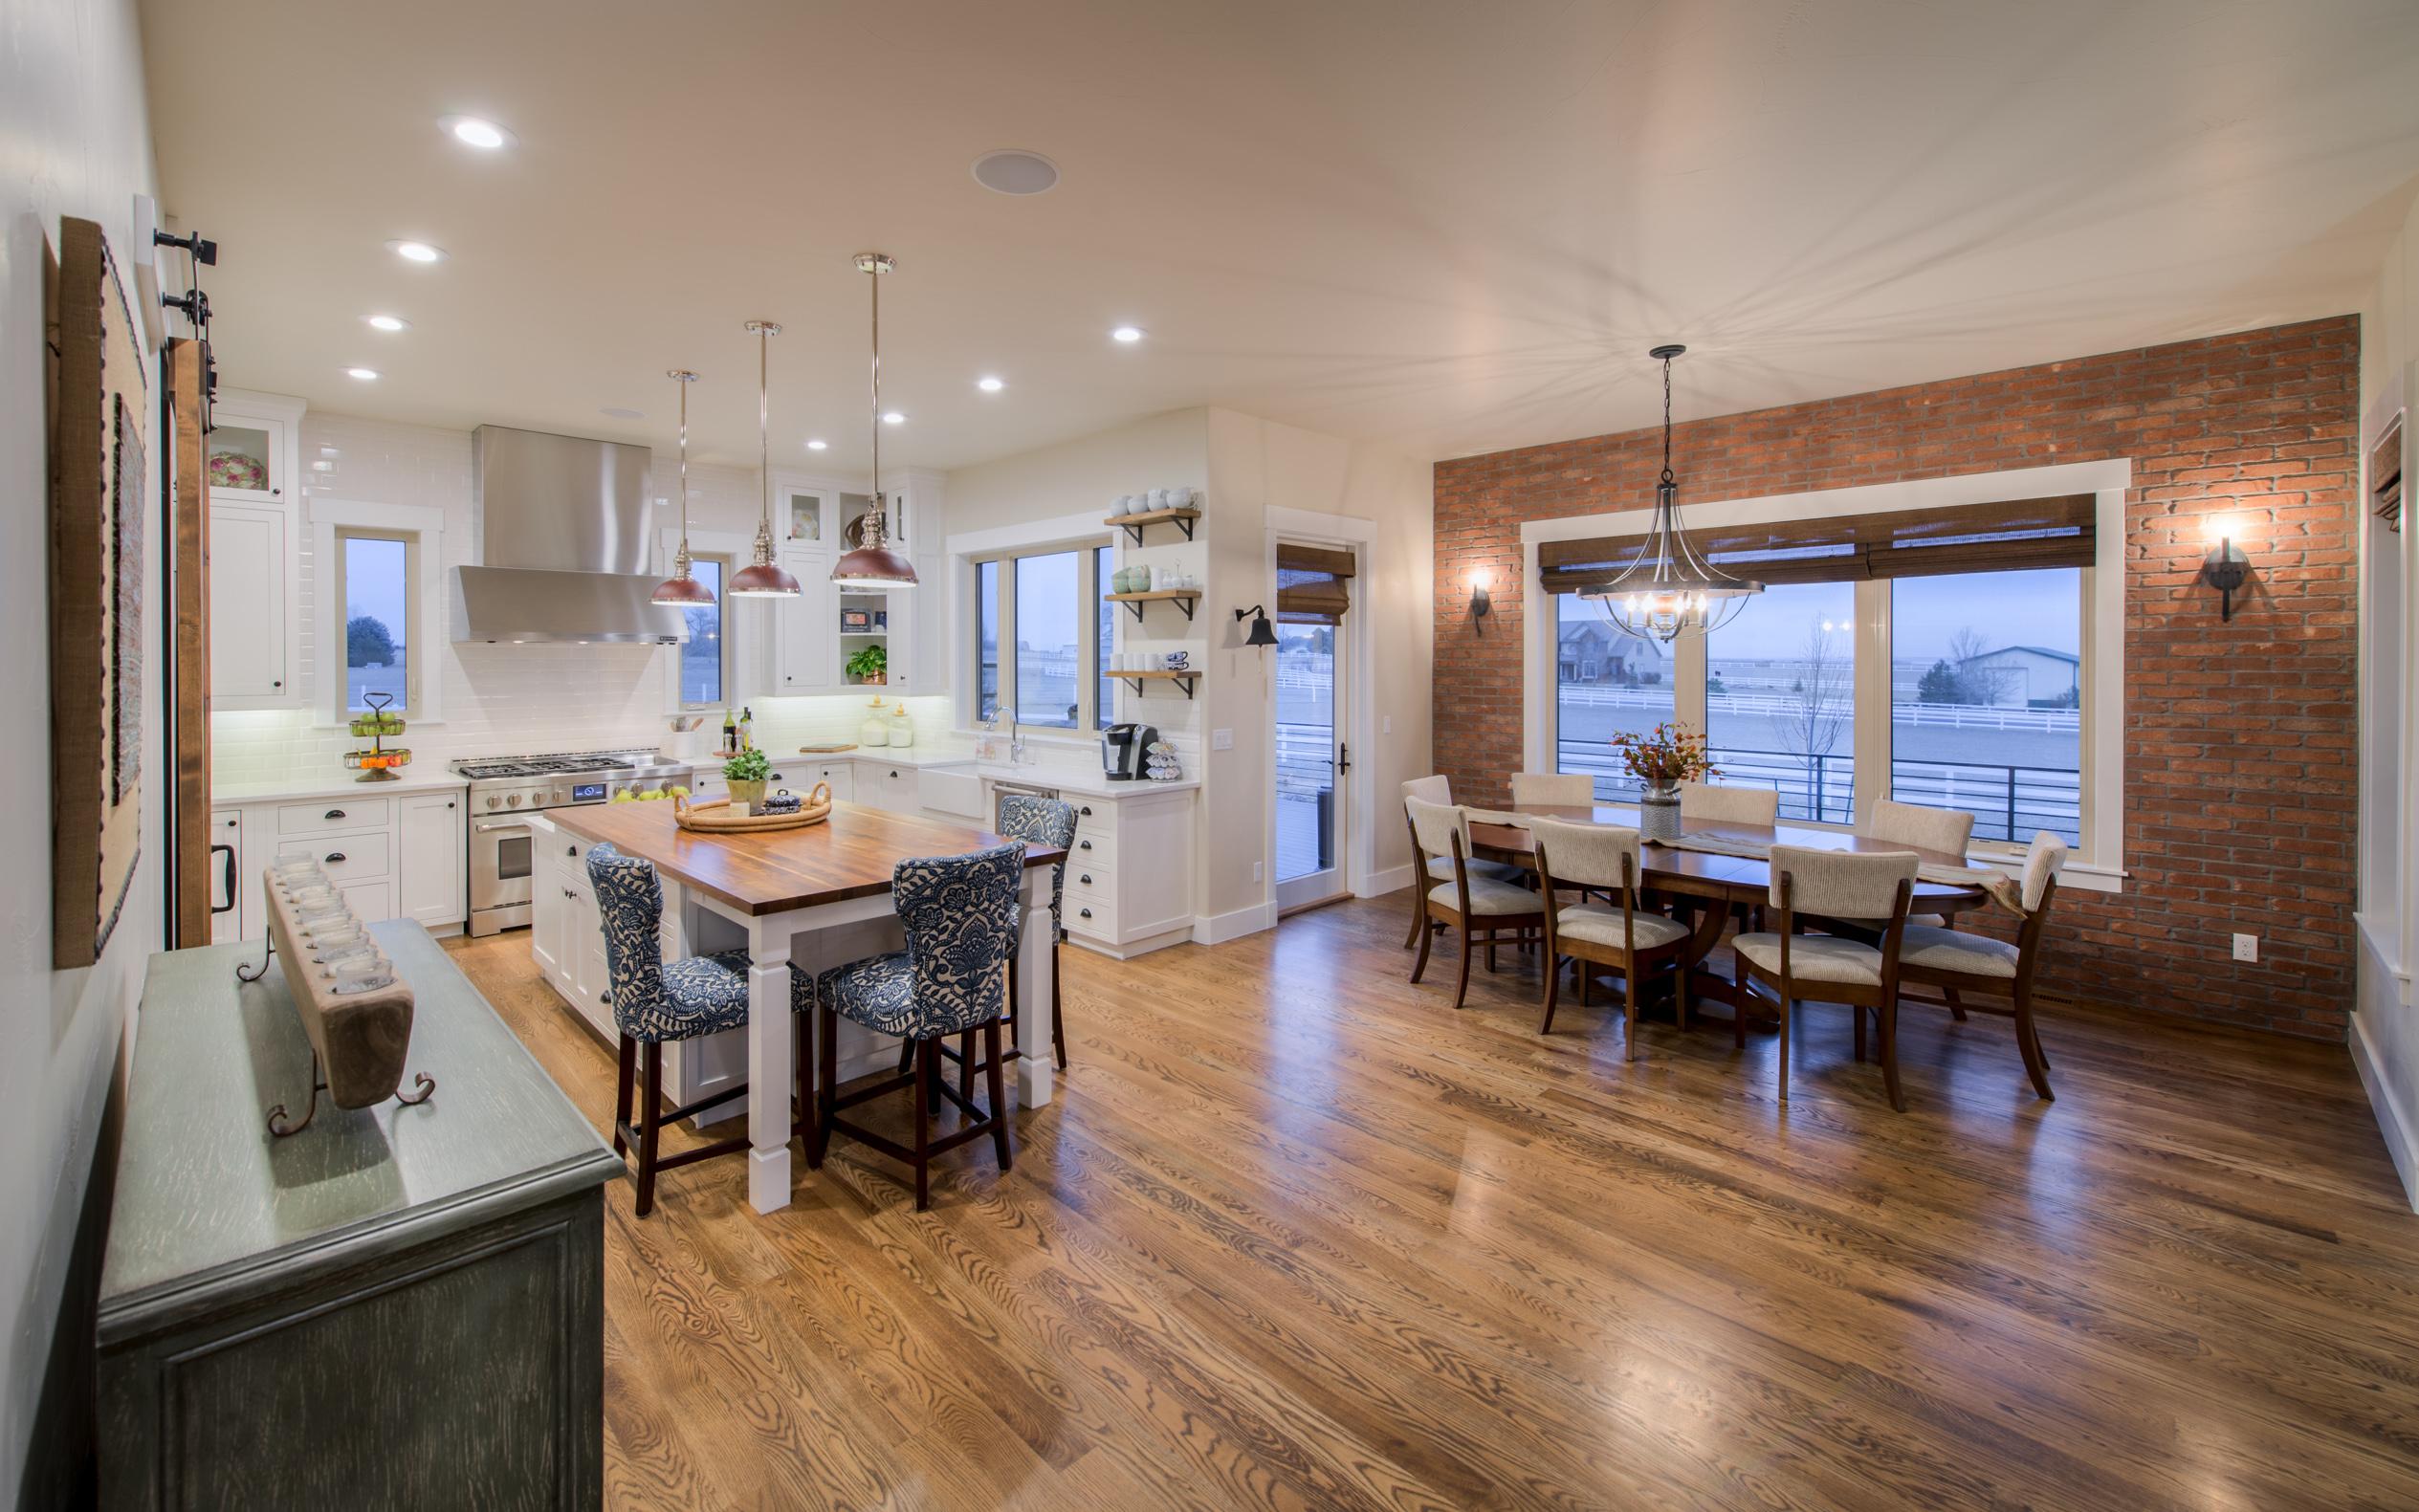 Spacious kitchen in House Plan #161-1072